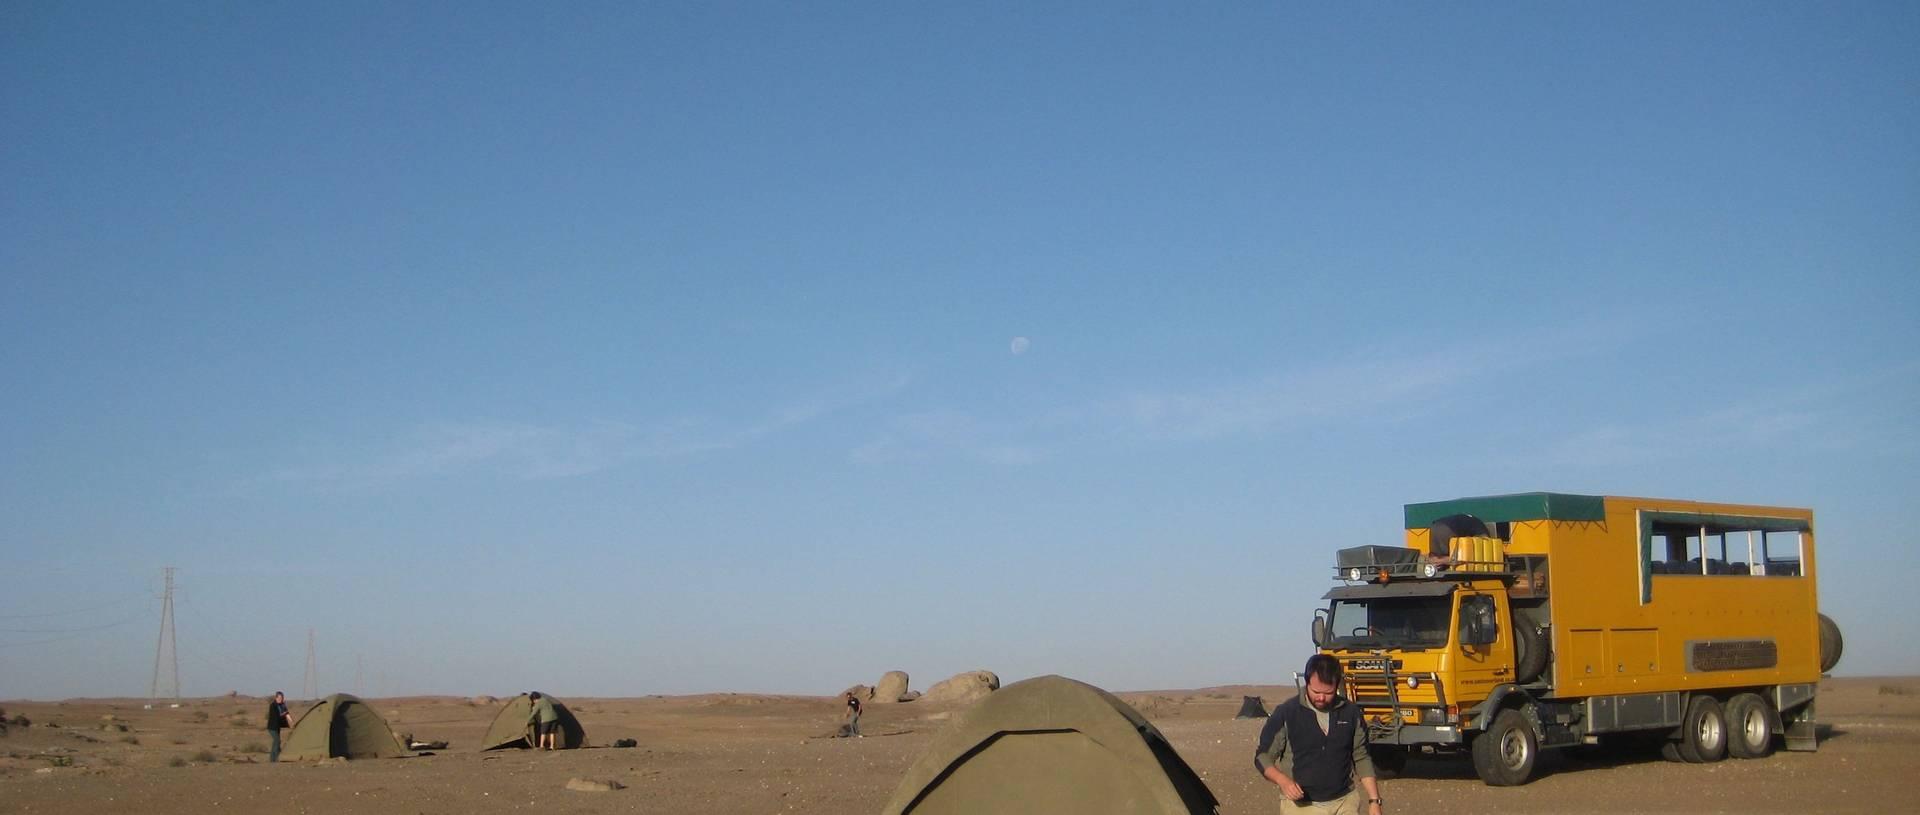 Sudanese Desert Camp